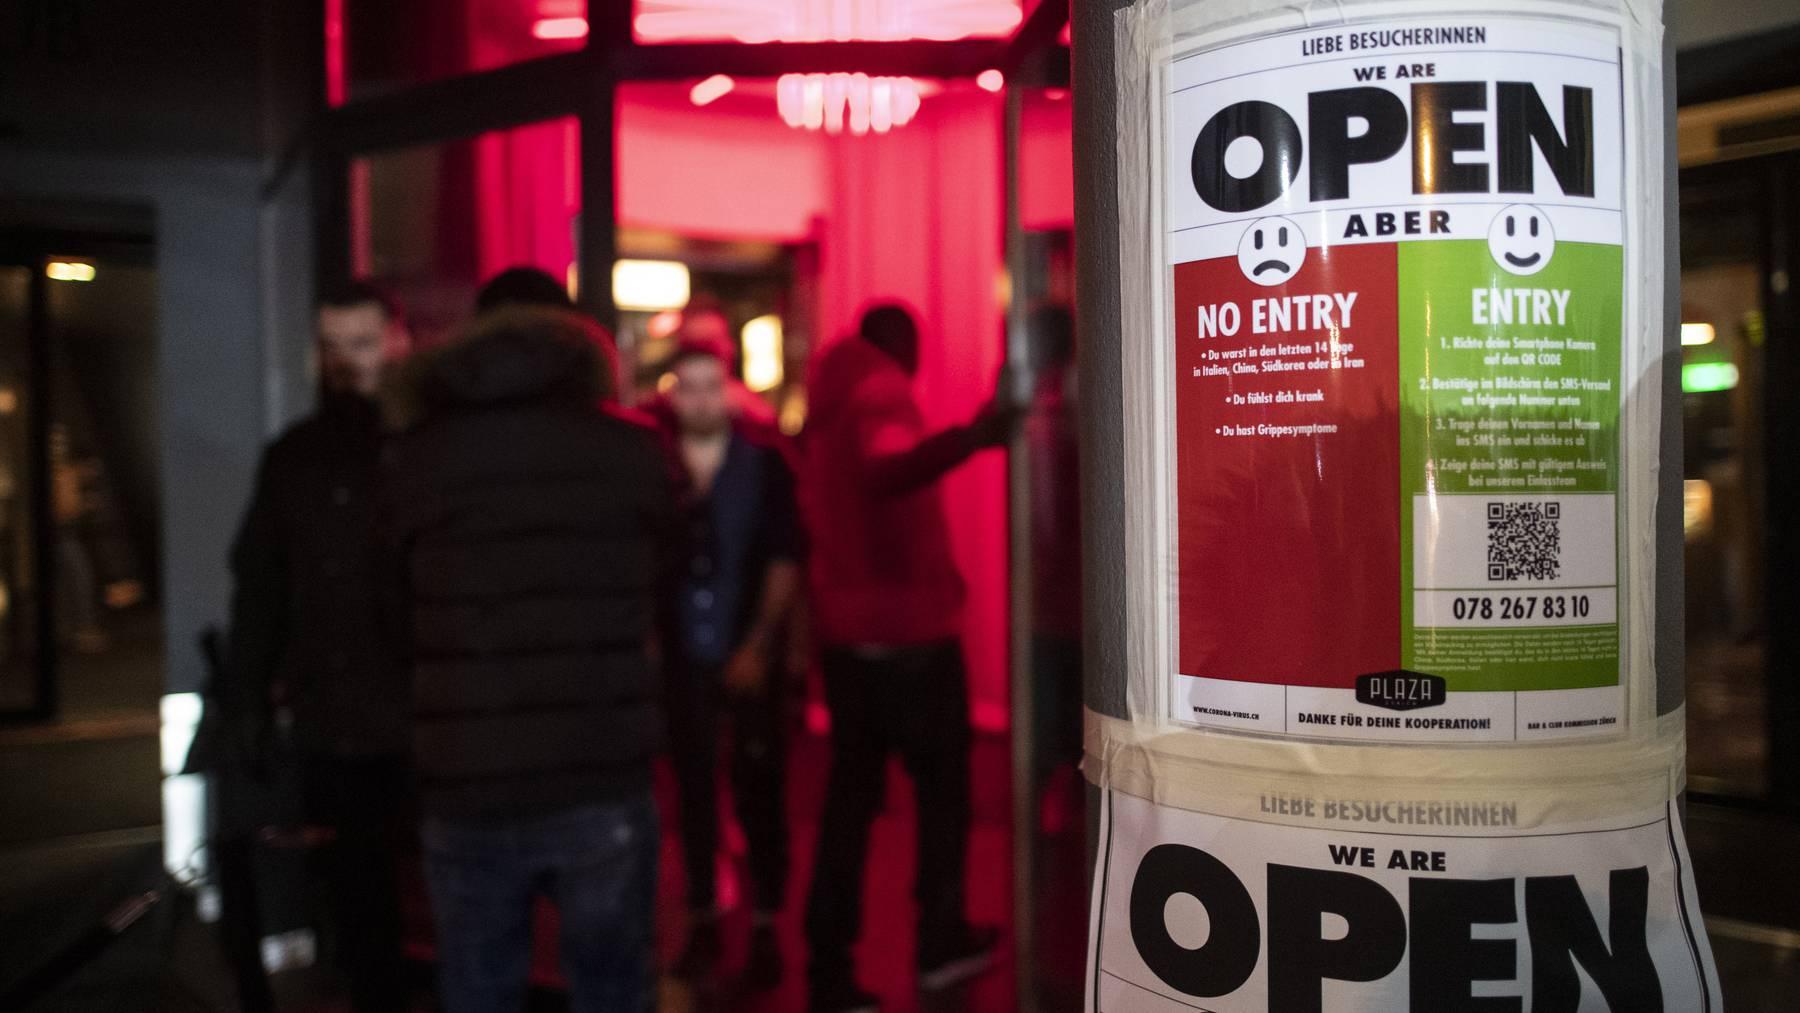 Club sind in der Schweiz trotz Coronavirus geöffnet. Für den belgischen Aussenminister mit ein Grund, Reisen in drei Kantone zu verbieten.